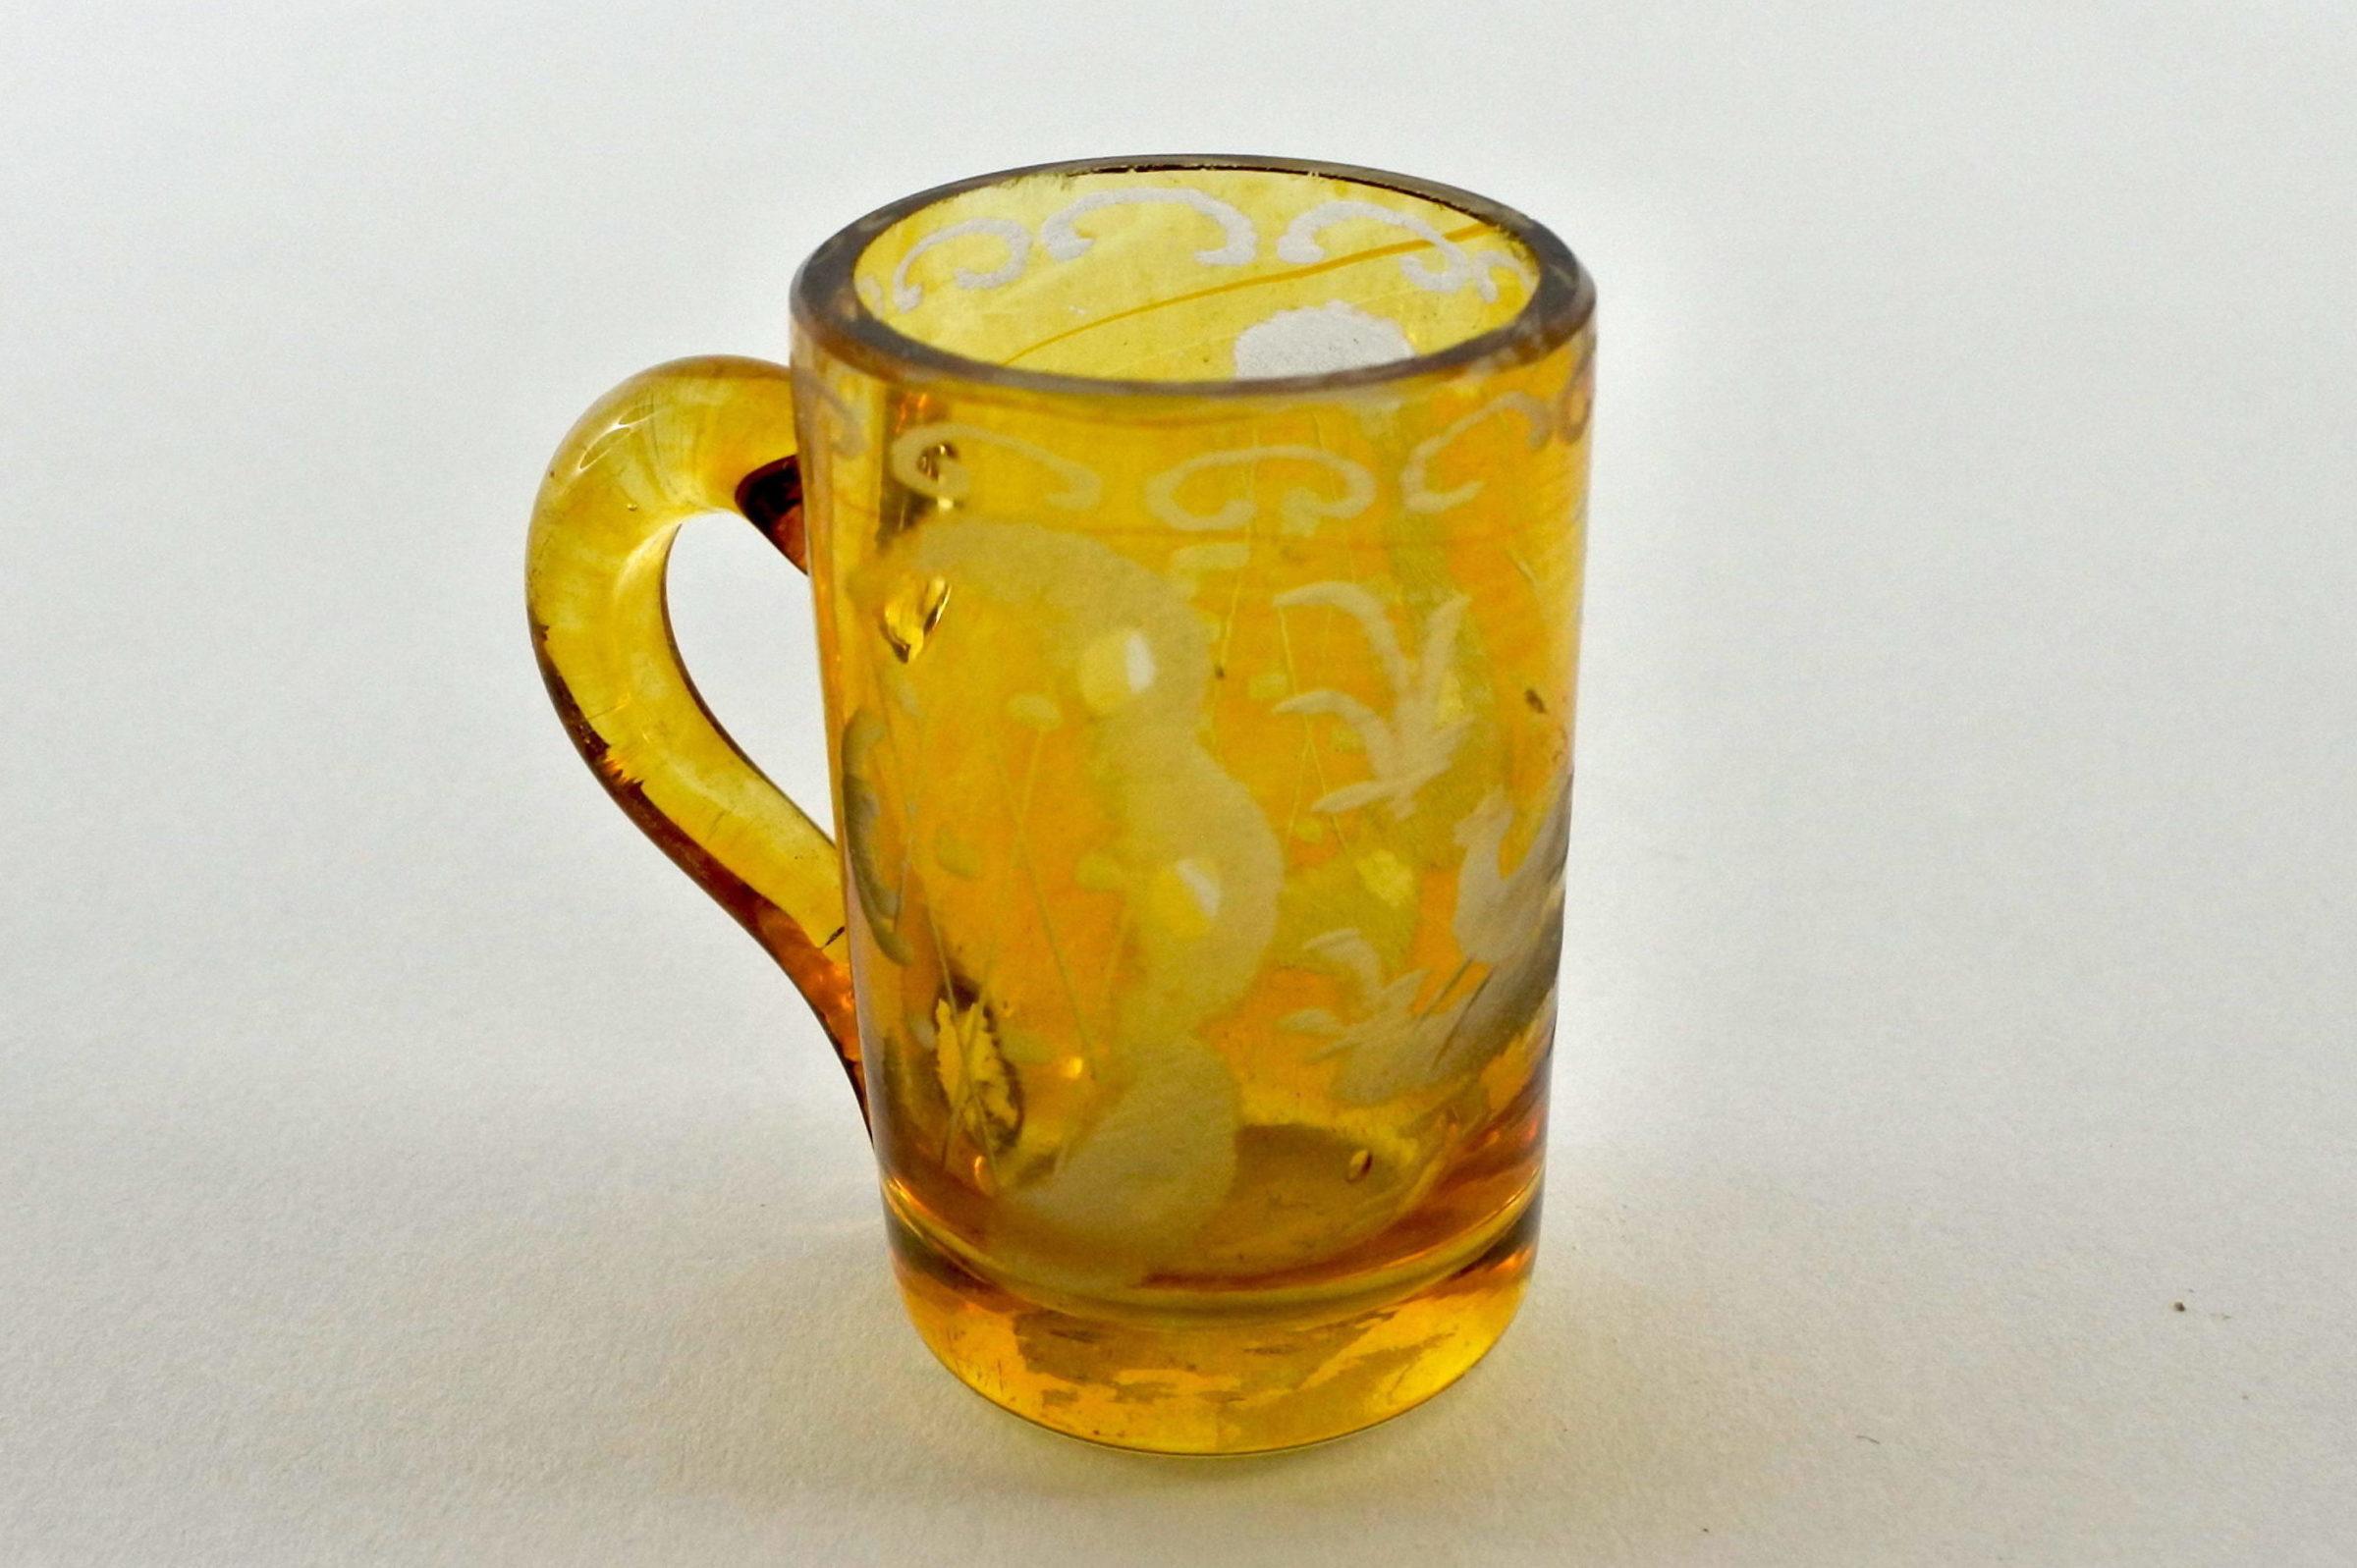 Bicchierino in vetro giallo soffiato e molato - 3